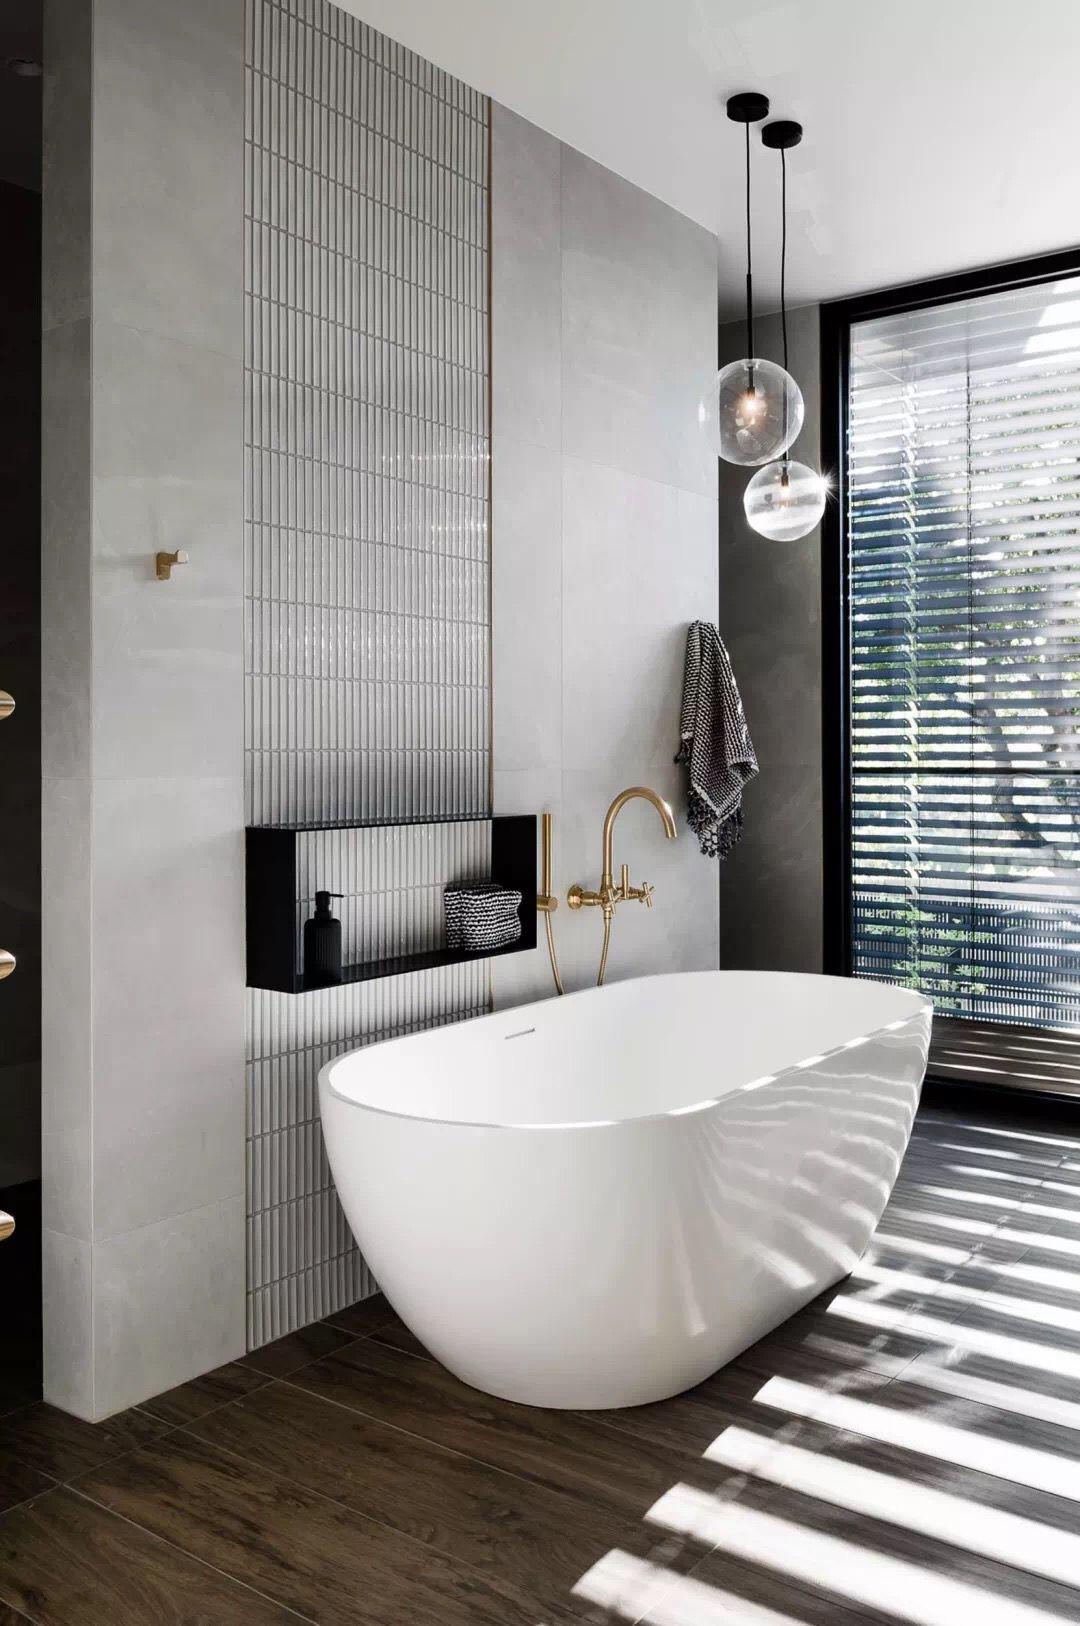 Pin De Cherie Stein Interiors Em D浴室 Banheiro Estilo Moderno Design De Interiores De Banheiro Projeto Moderno De Banheiro